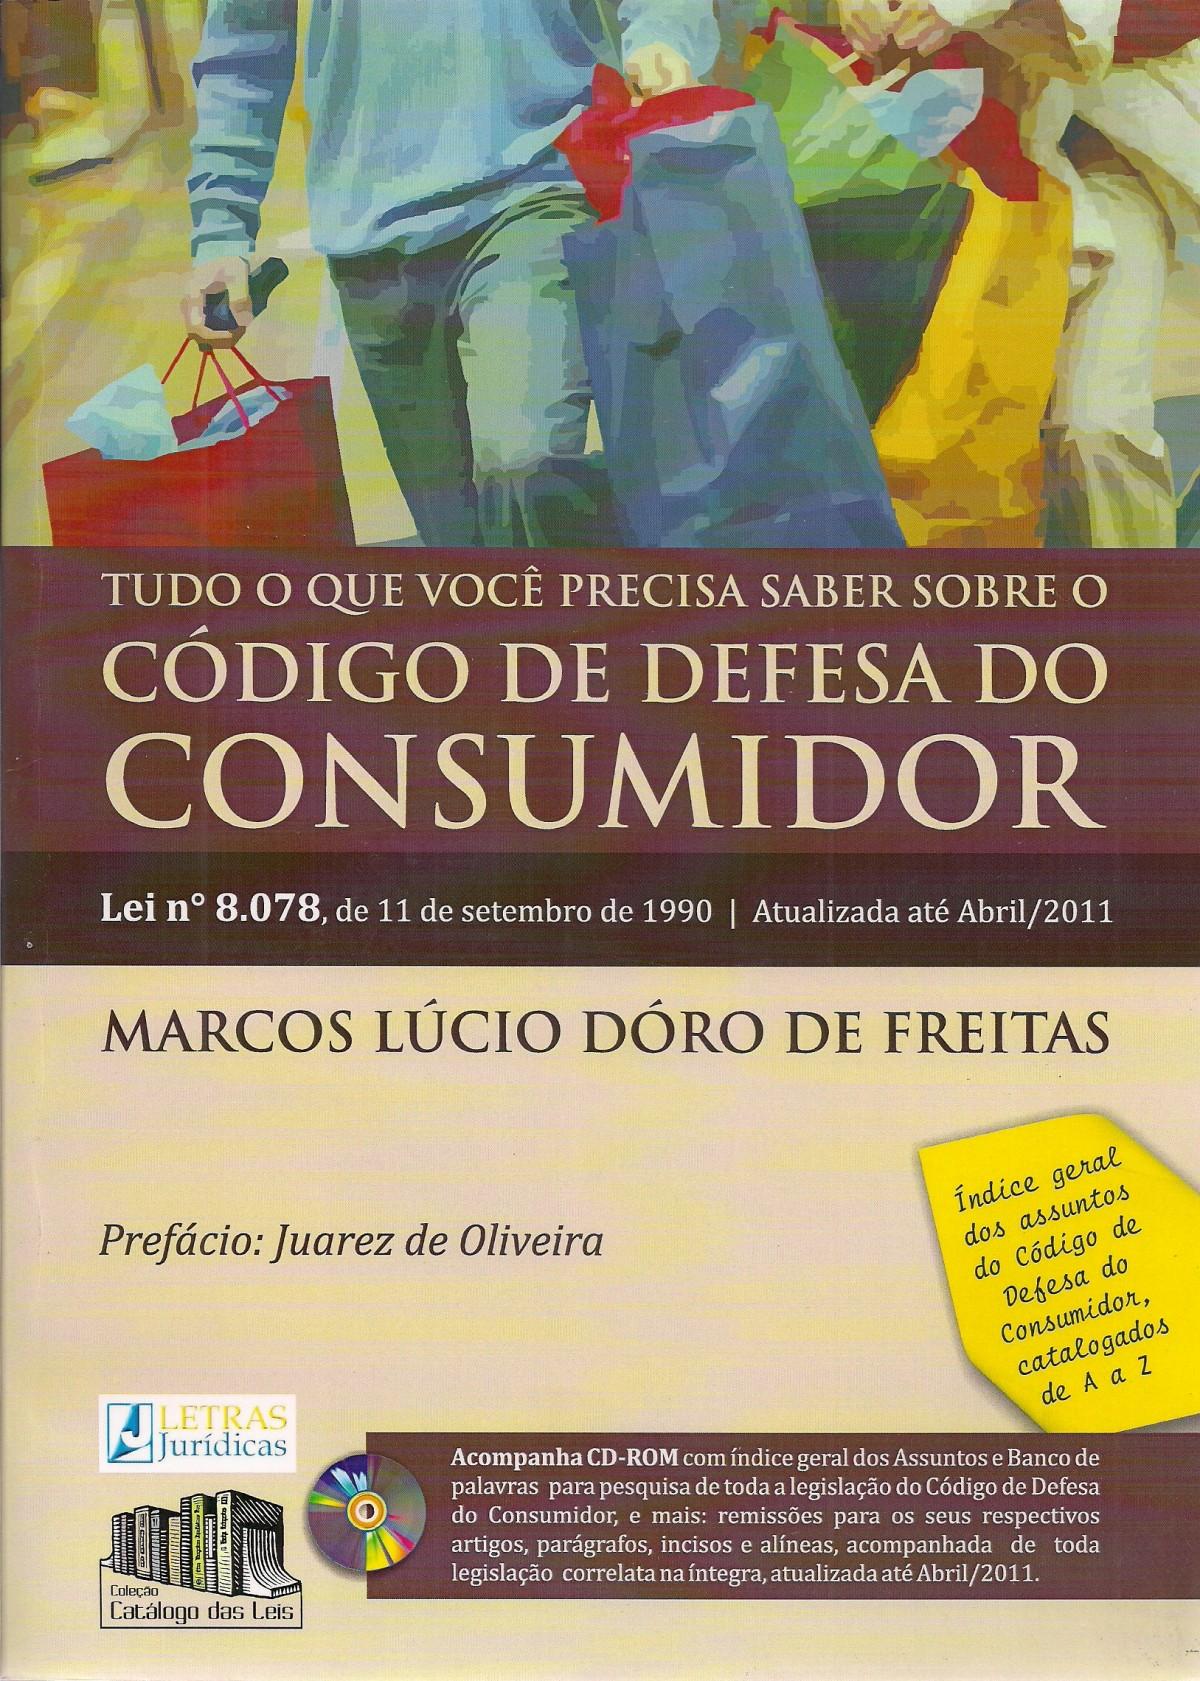 Foto 1 - Tudo o Que Você Precisa Saber Sobre O Código de Defesa do Consumidor